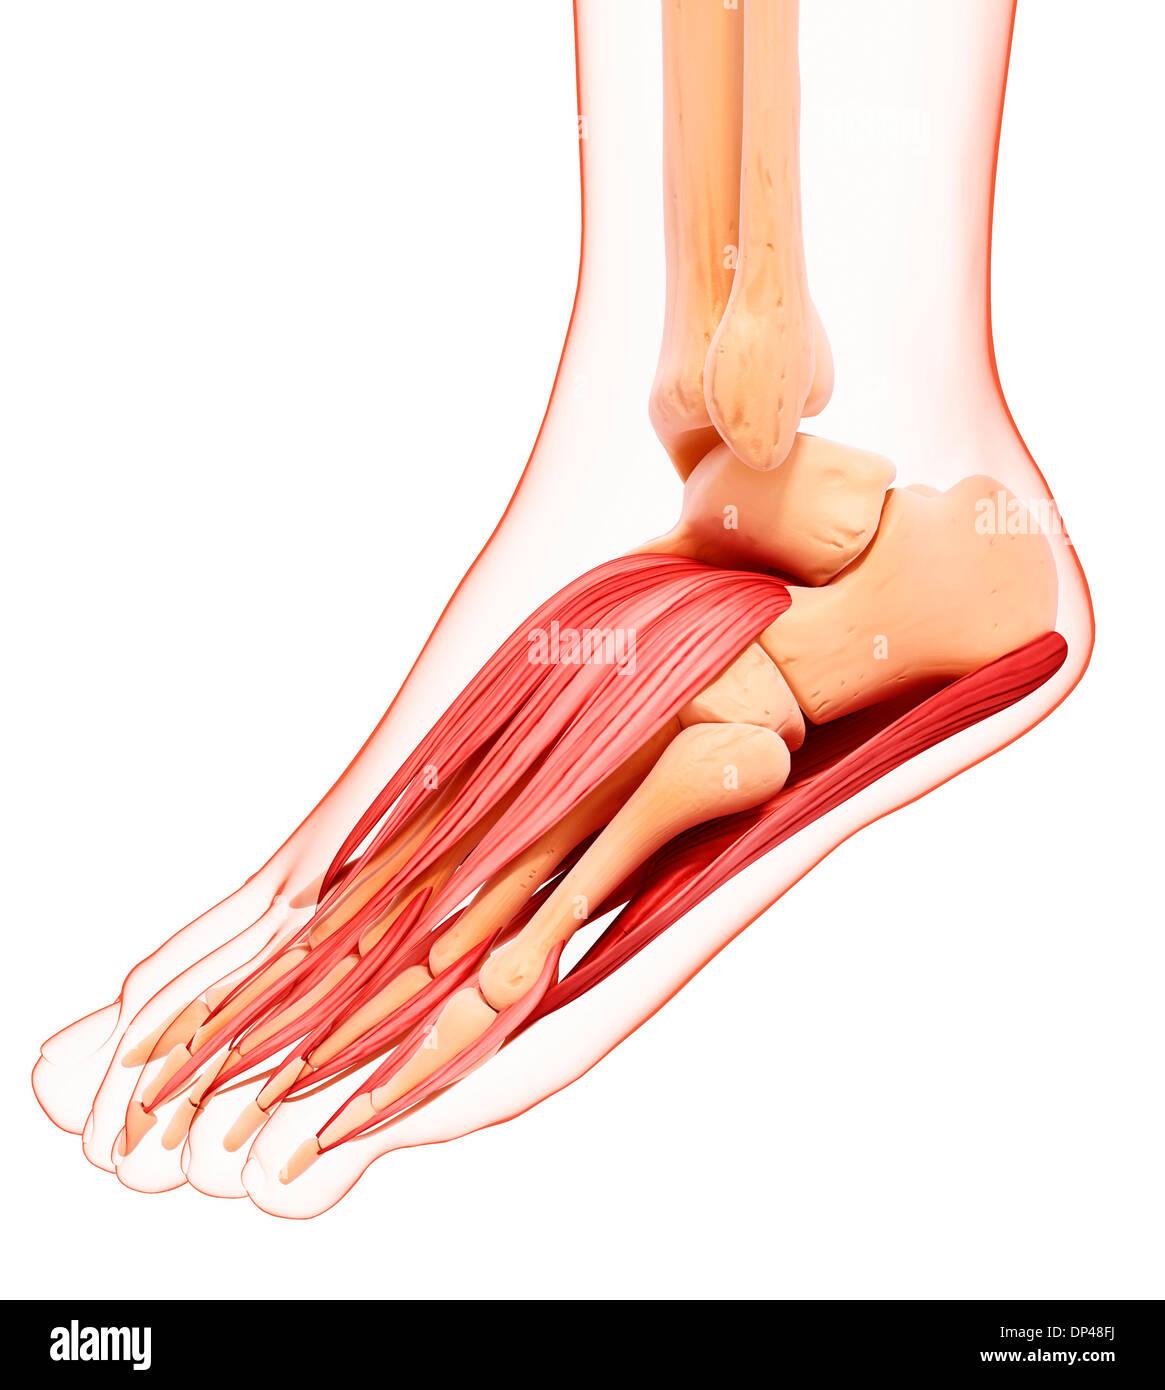 Menschlicher Fuß-Muskulatur, artwork Stockfoto, Bild: 65248054 - Alamy